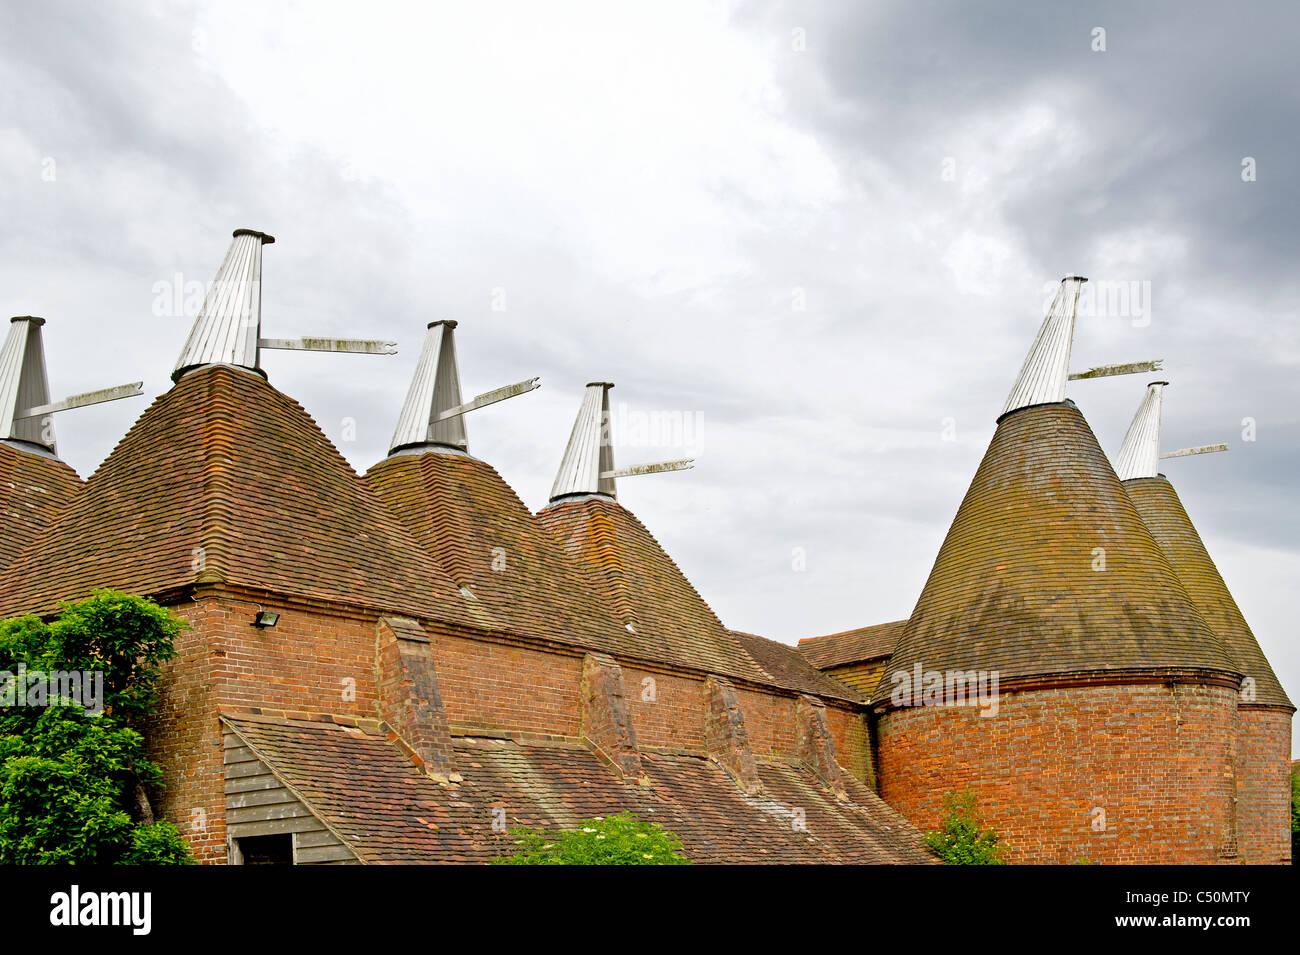 Oast houses for storing hops; Trockendarre für Hopfen - Stock Image